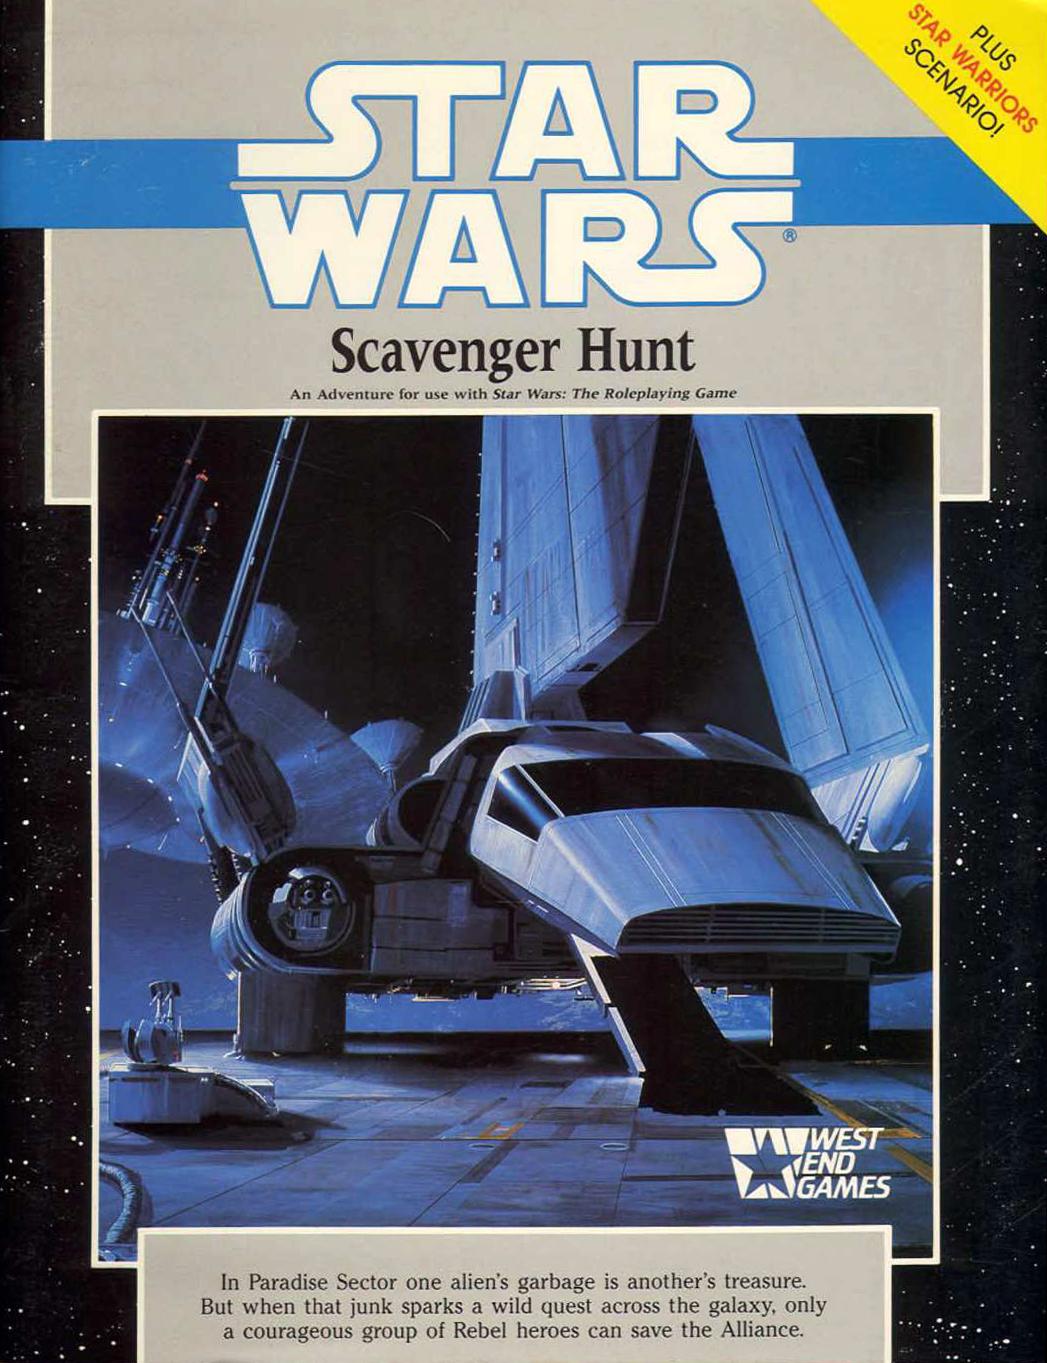 Star Wars: Scavenger Hunt